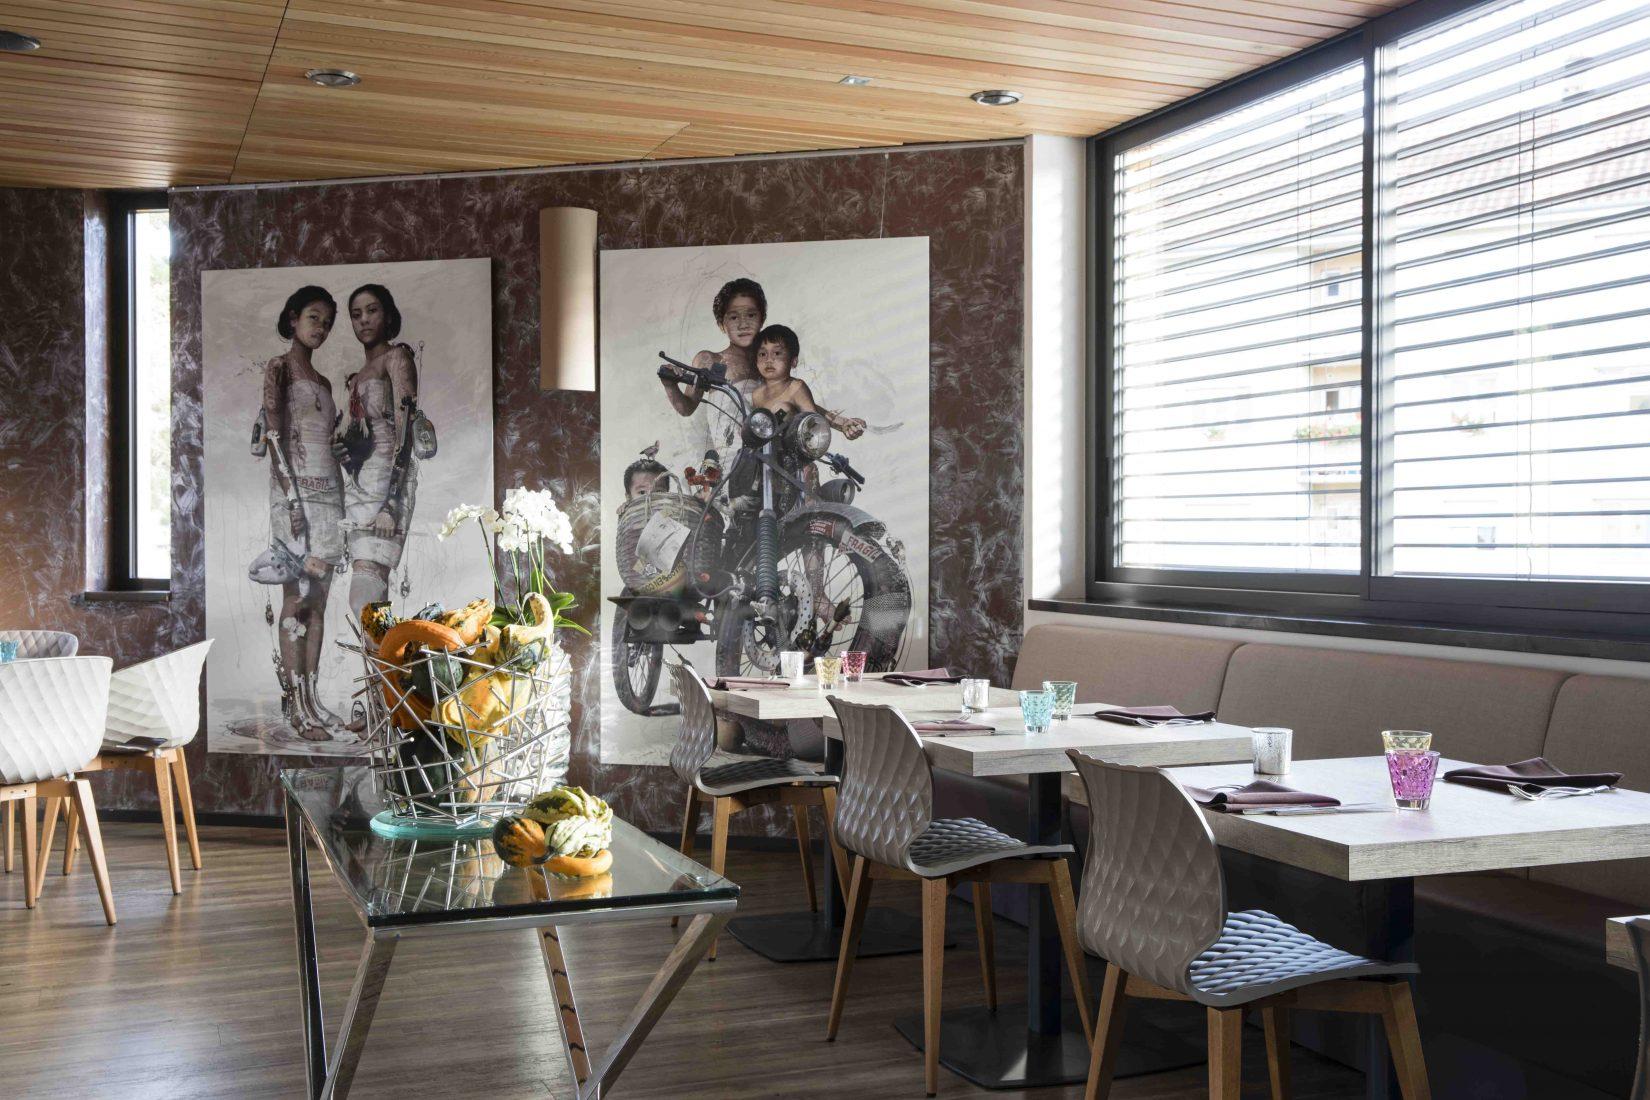 le bellevue restaurant gastronomique soultz alsace. Black Bedroom Furniture Sets. Home Design Ideas